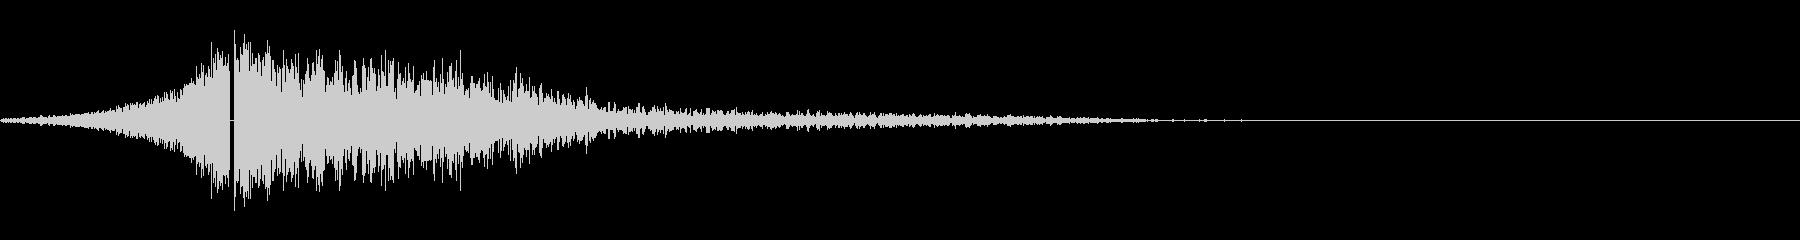 爆発;着信および影響01の未再生の波形